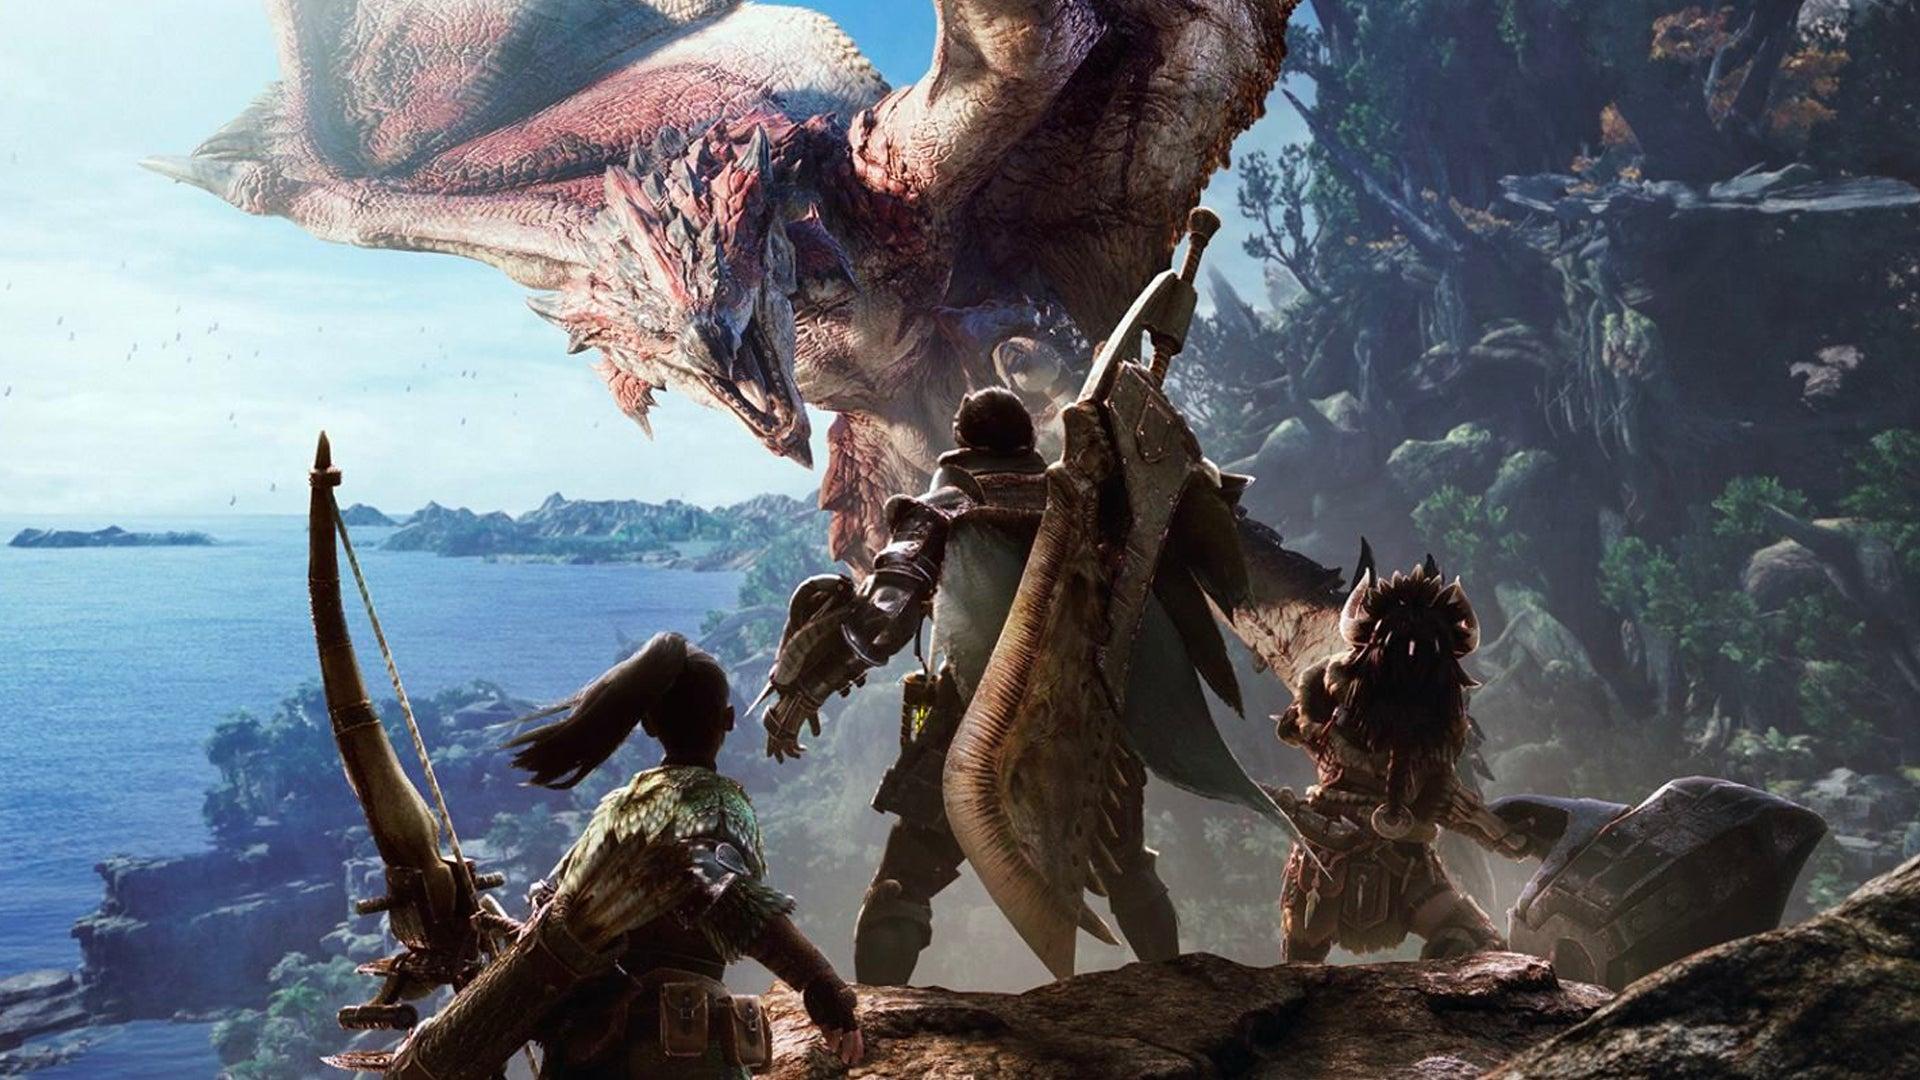 monster-hunter-world-board-game-artwork.jpg